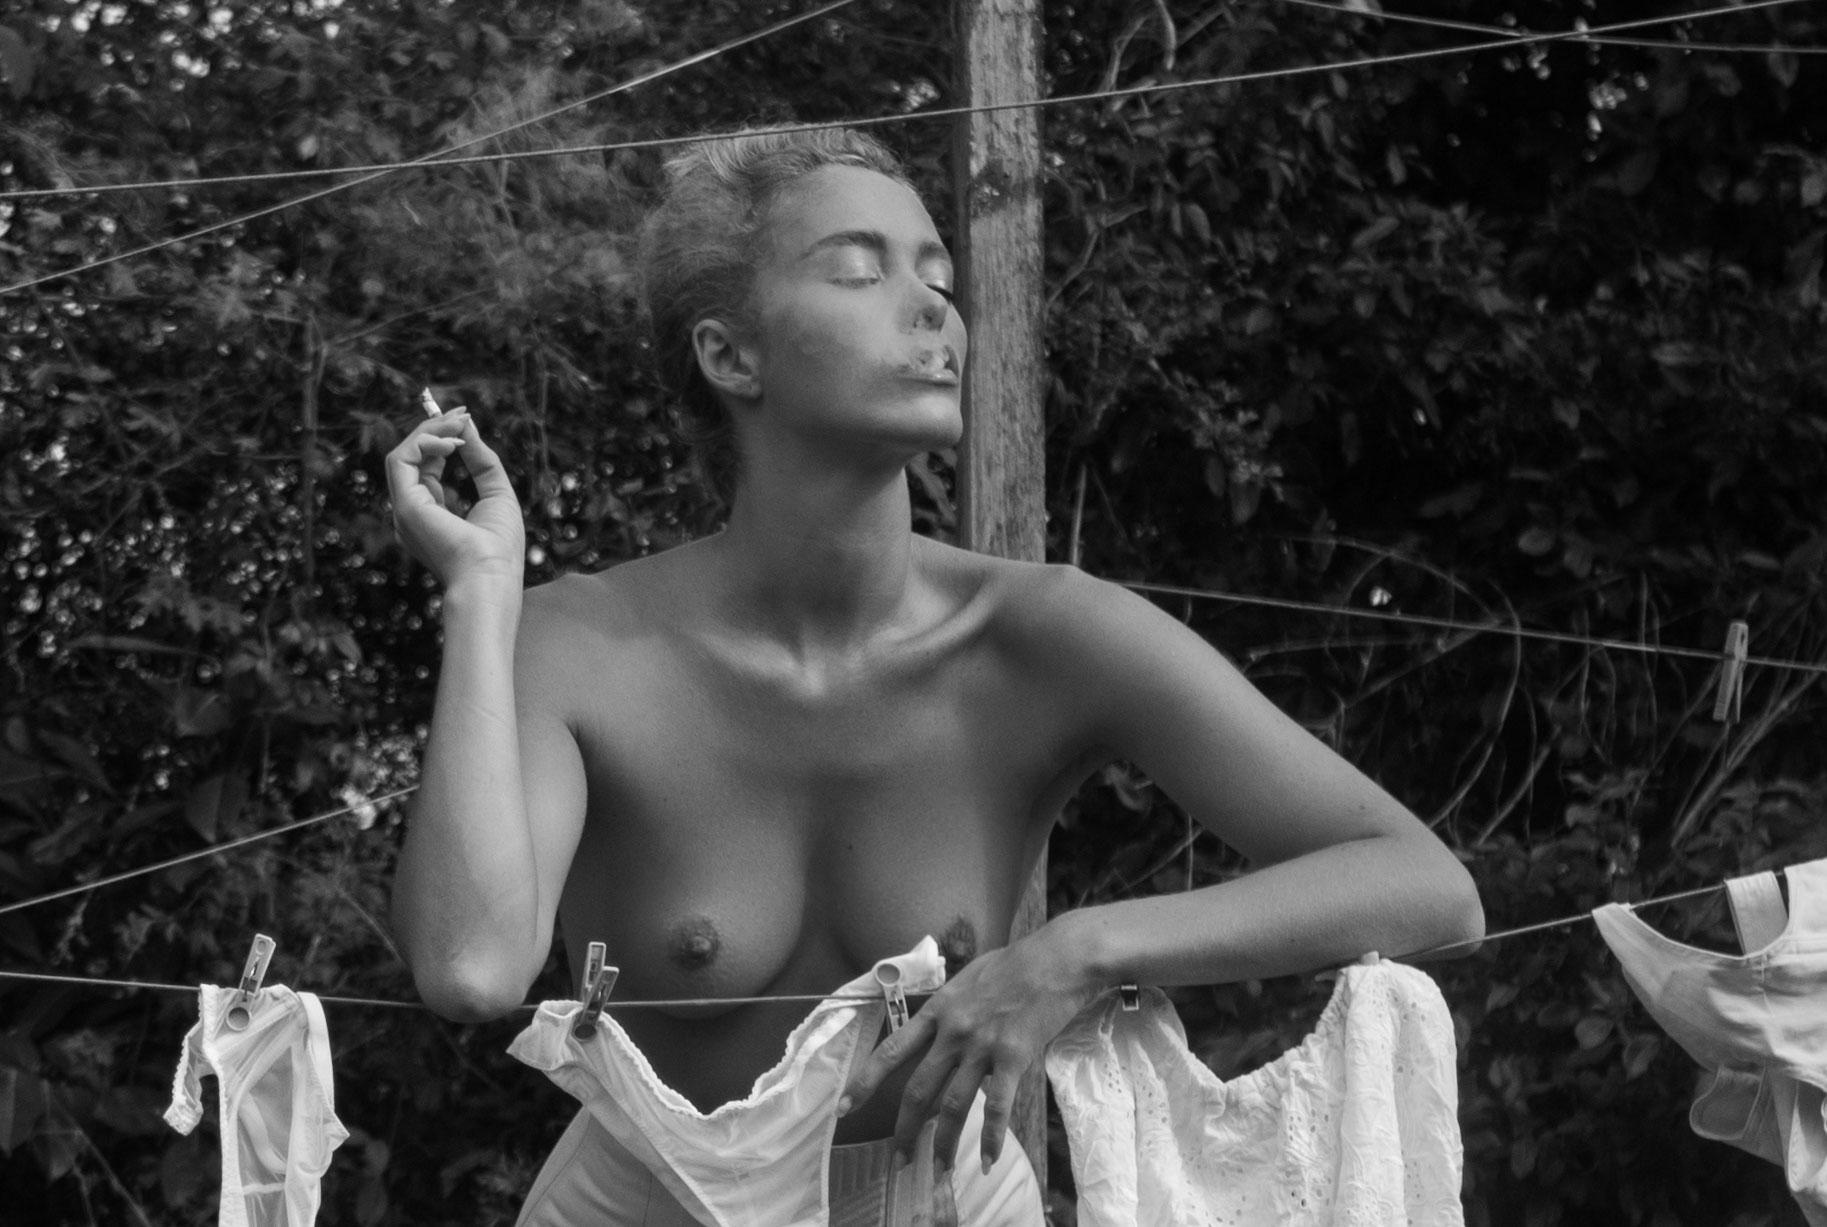 Сексуальная Вика занимается стиркой на заднем дворе / фото 15